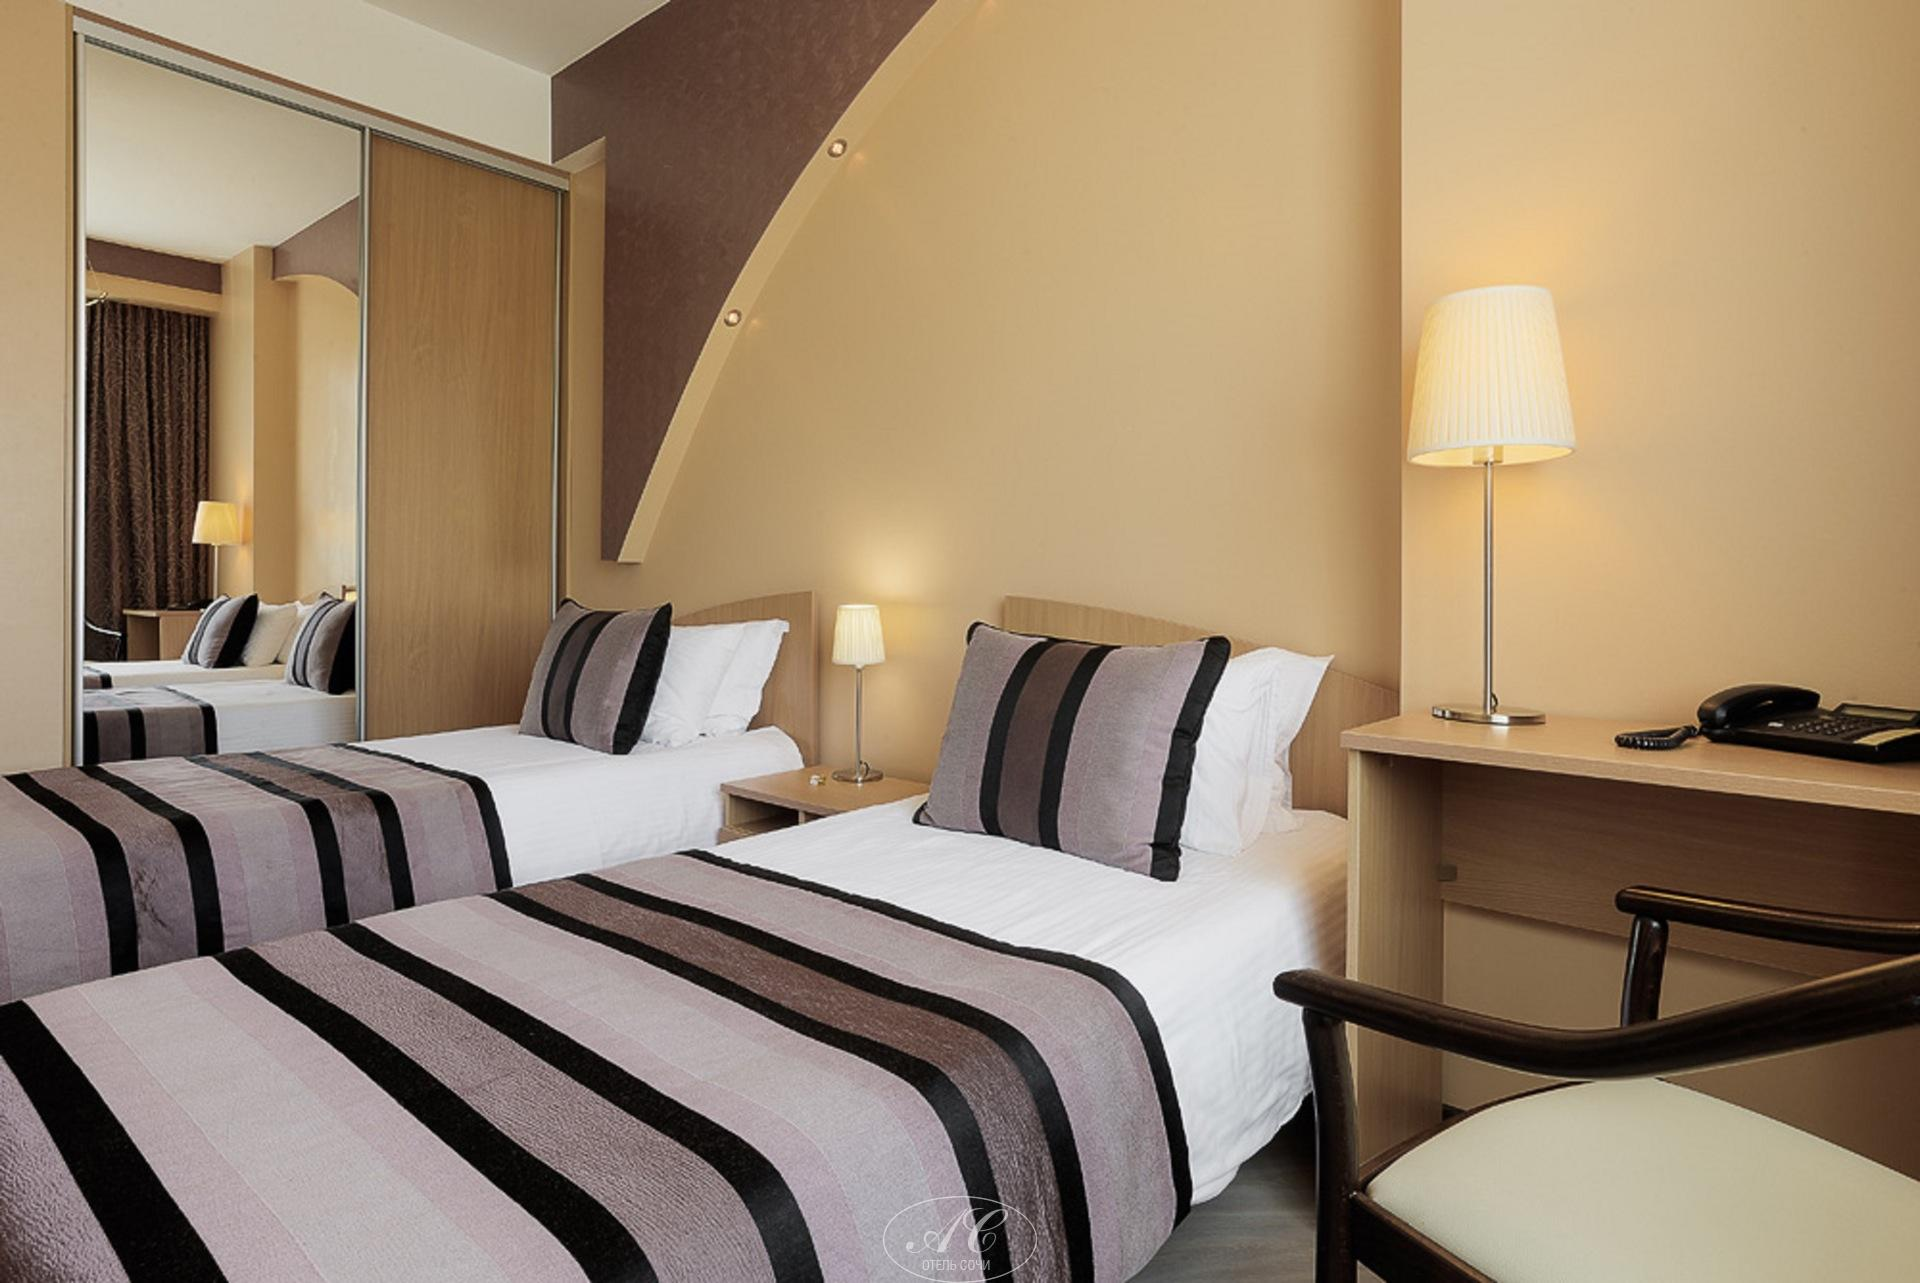 Номер Бизнес с раздельными кроватями и широким диваном